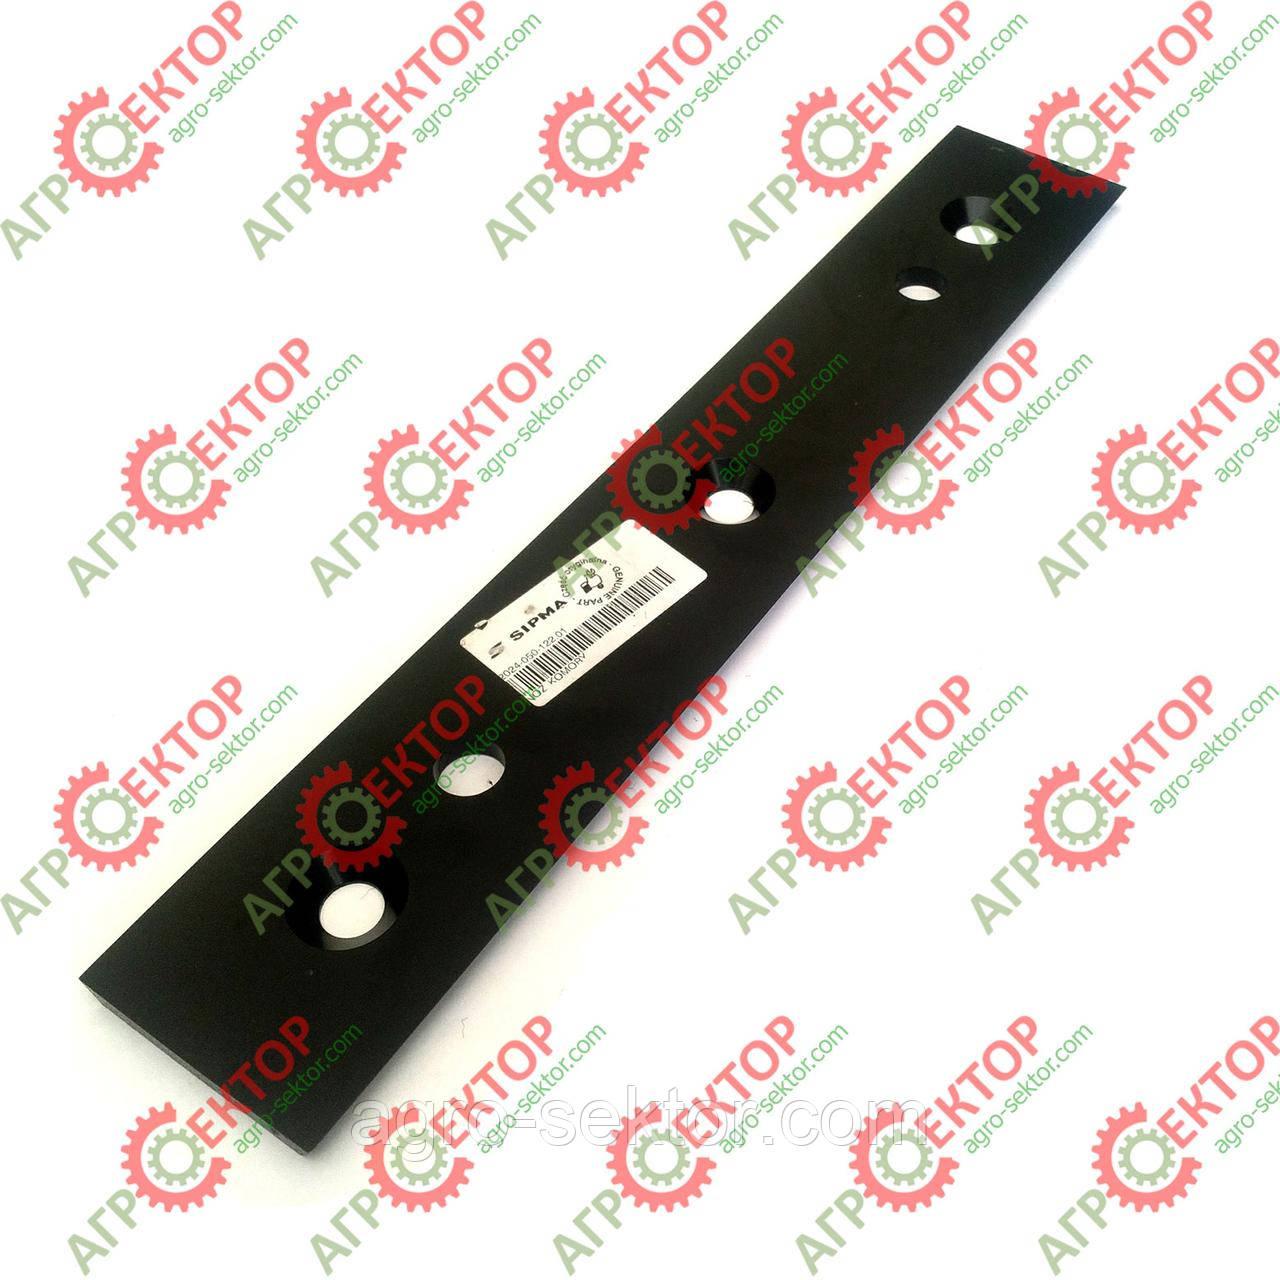 Нож поршня неподвижный противорежущий на пресс-подборщик Sipma Z-224 2024-050-122.01